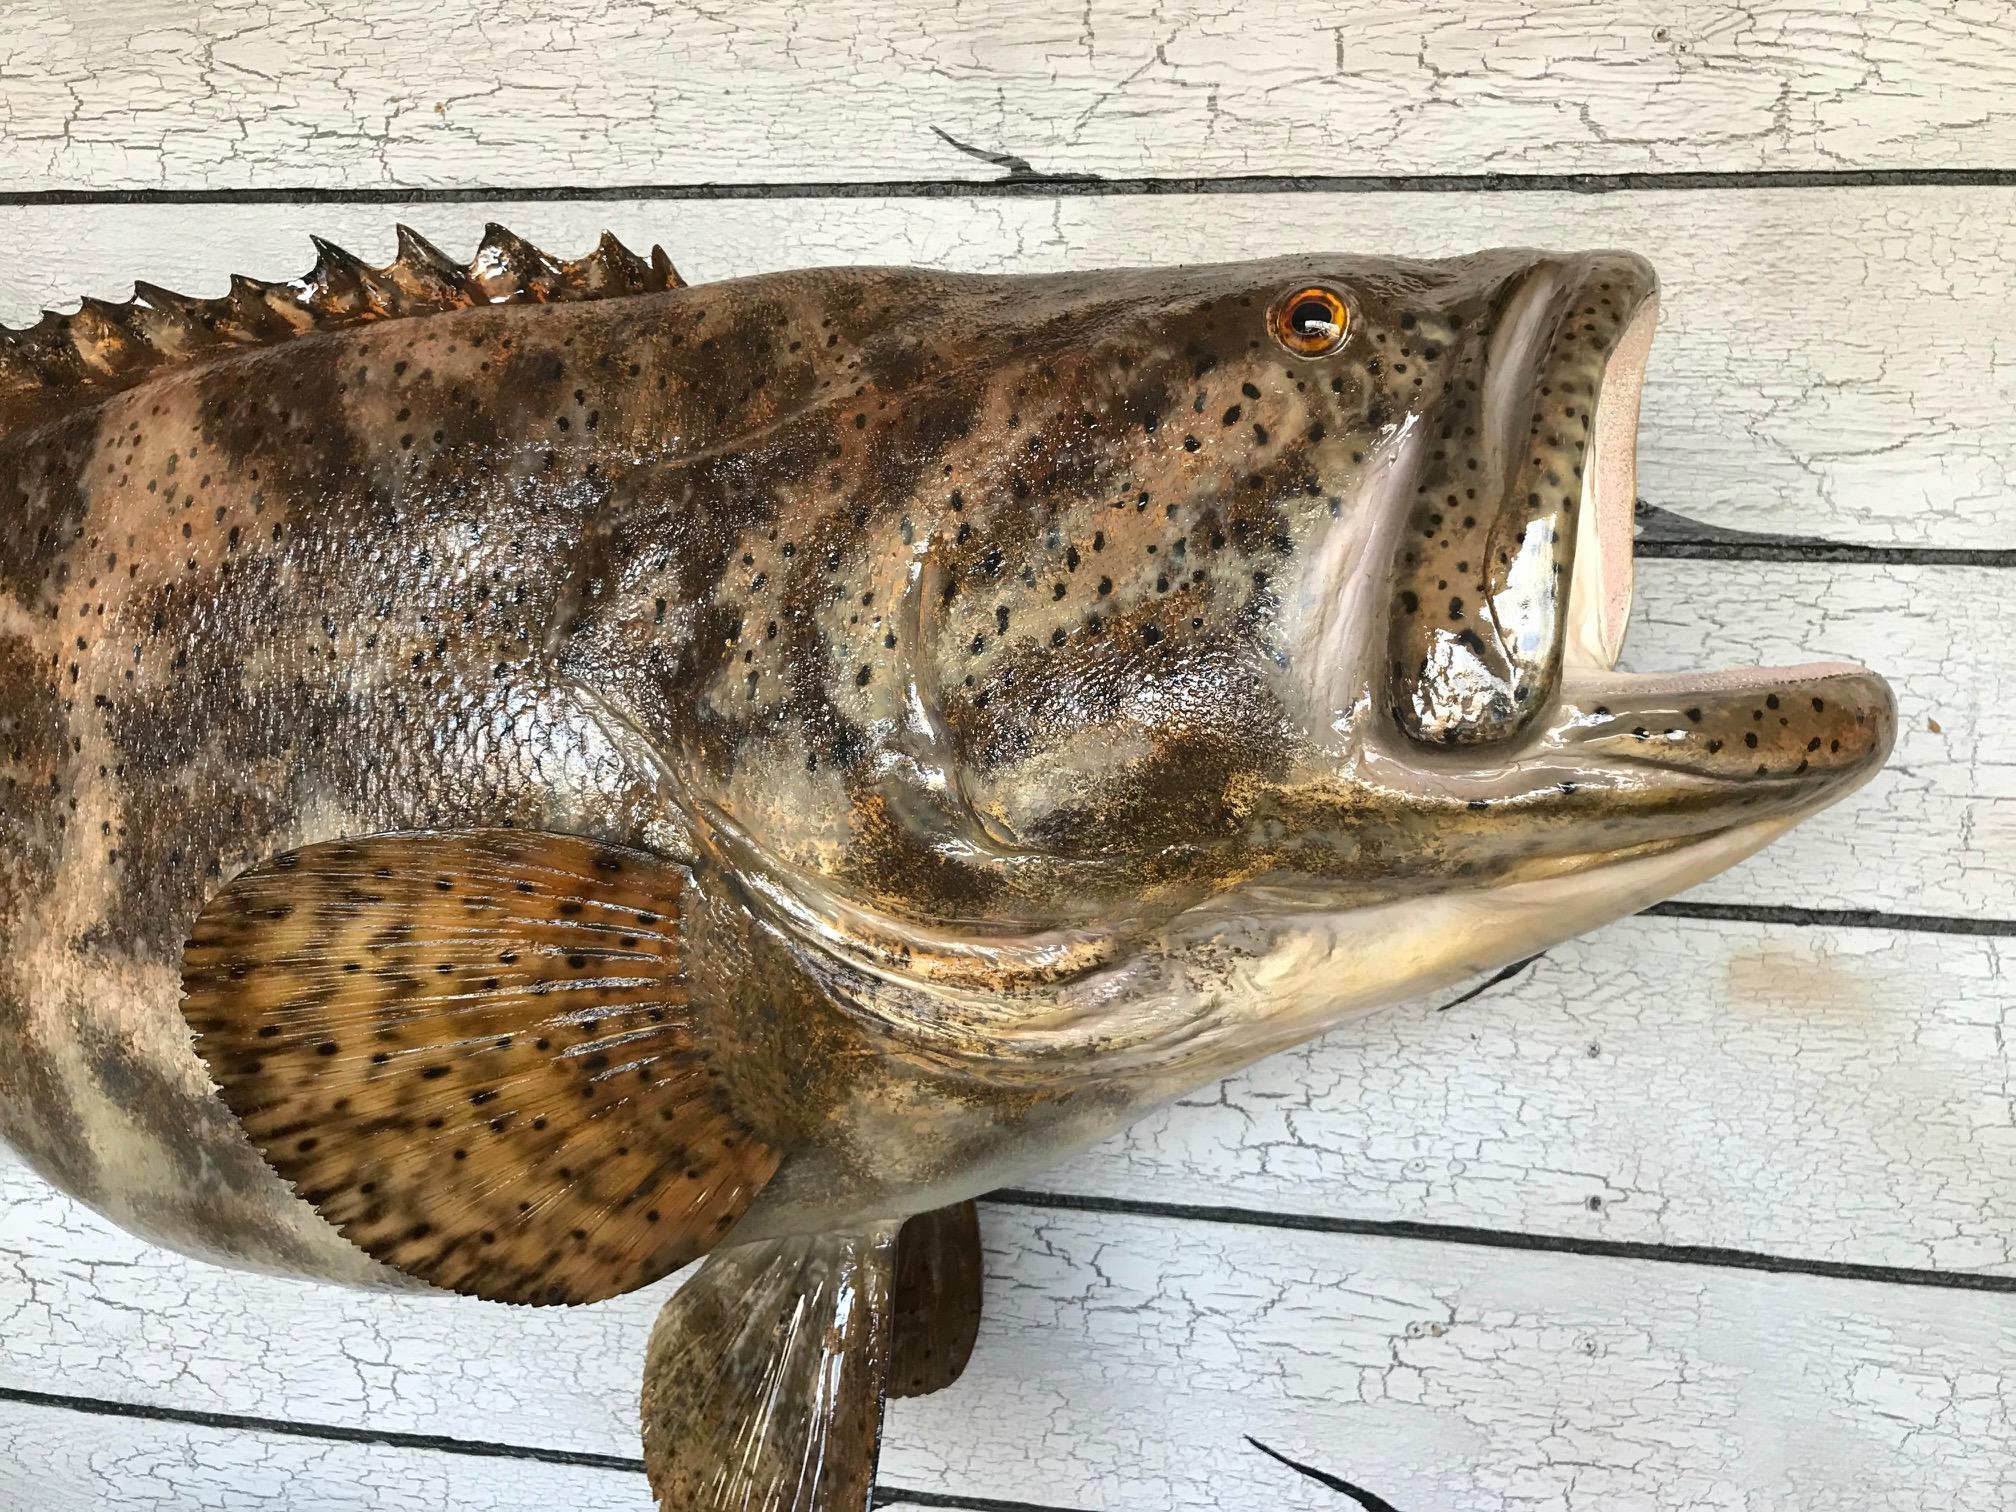 jewfish 2.jpg